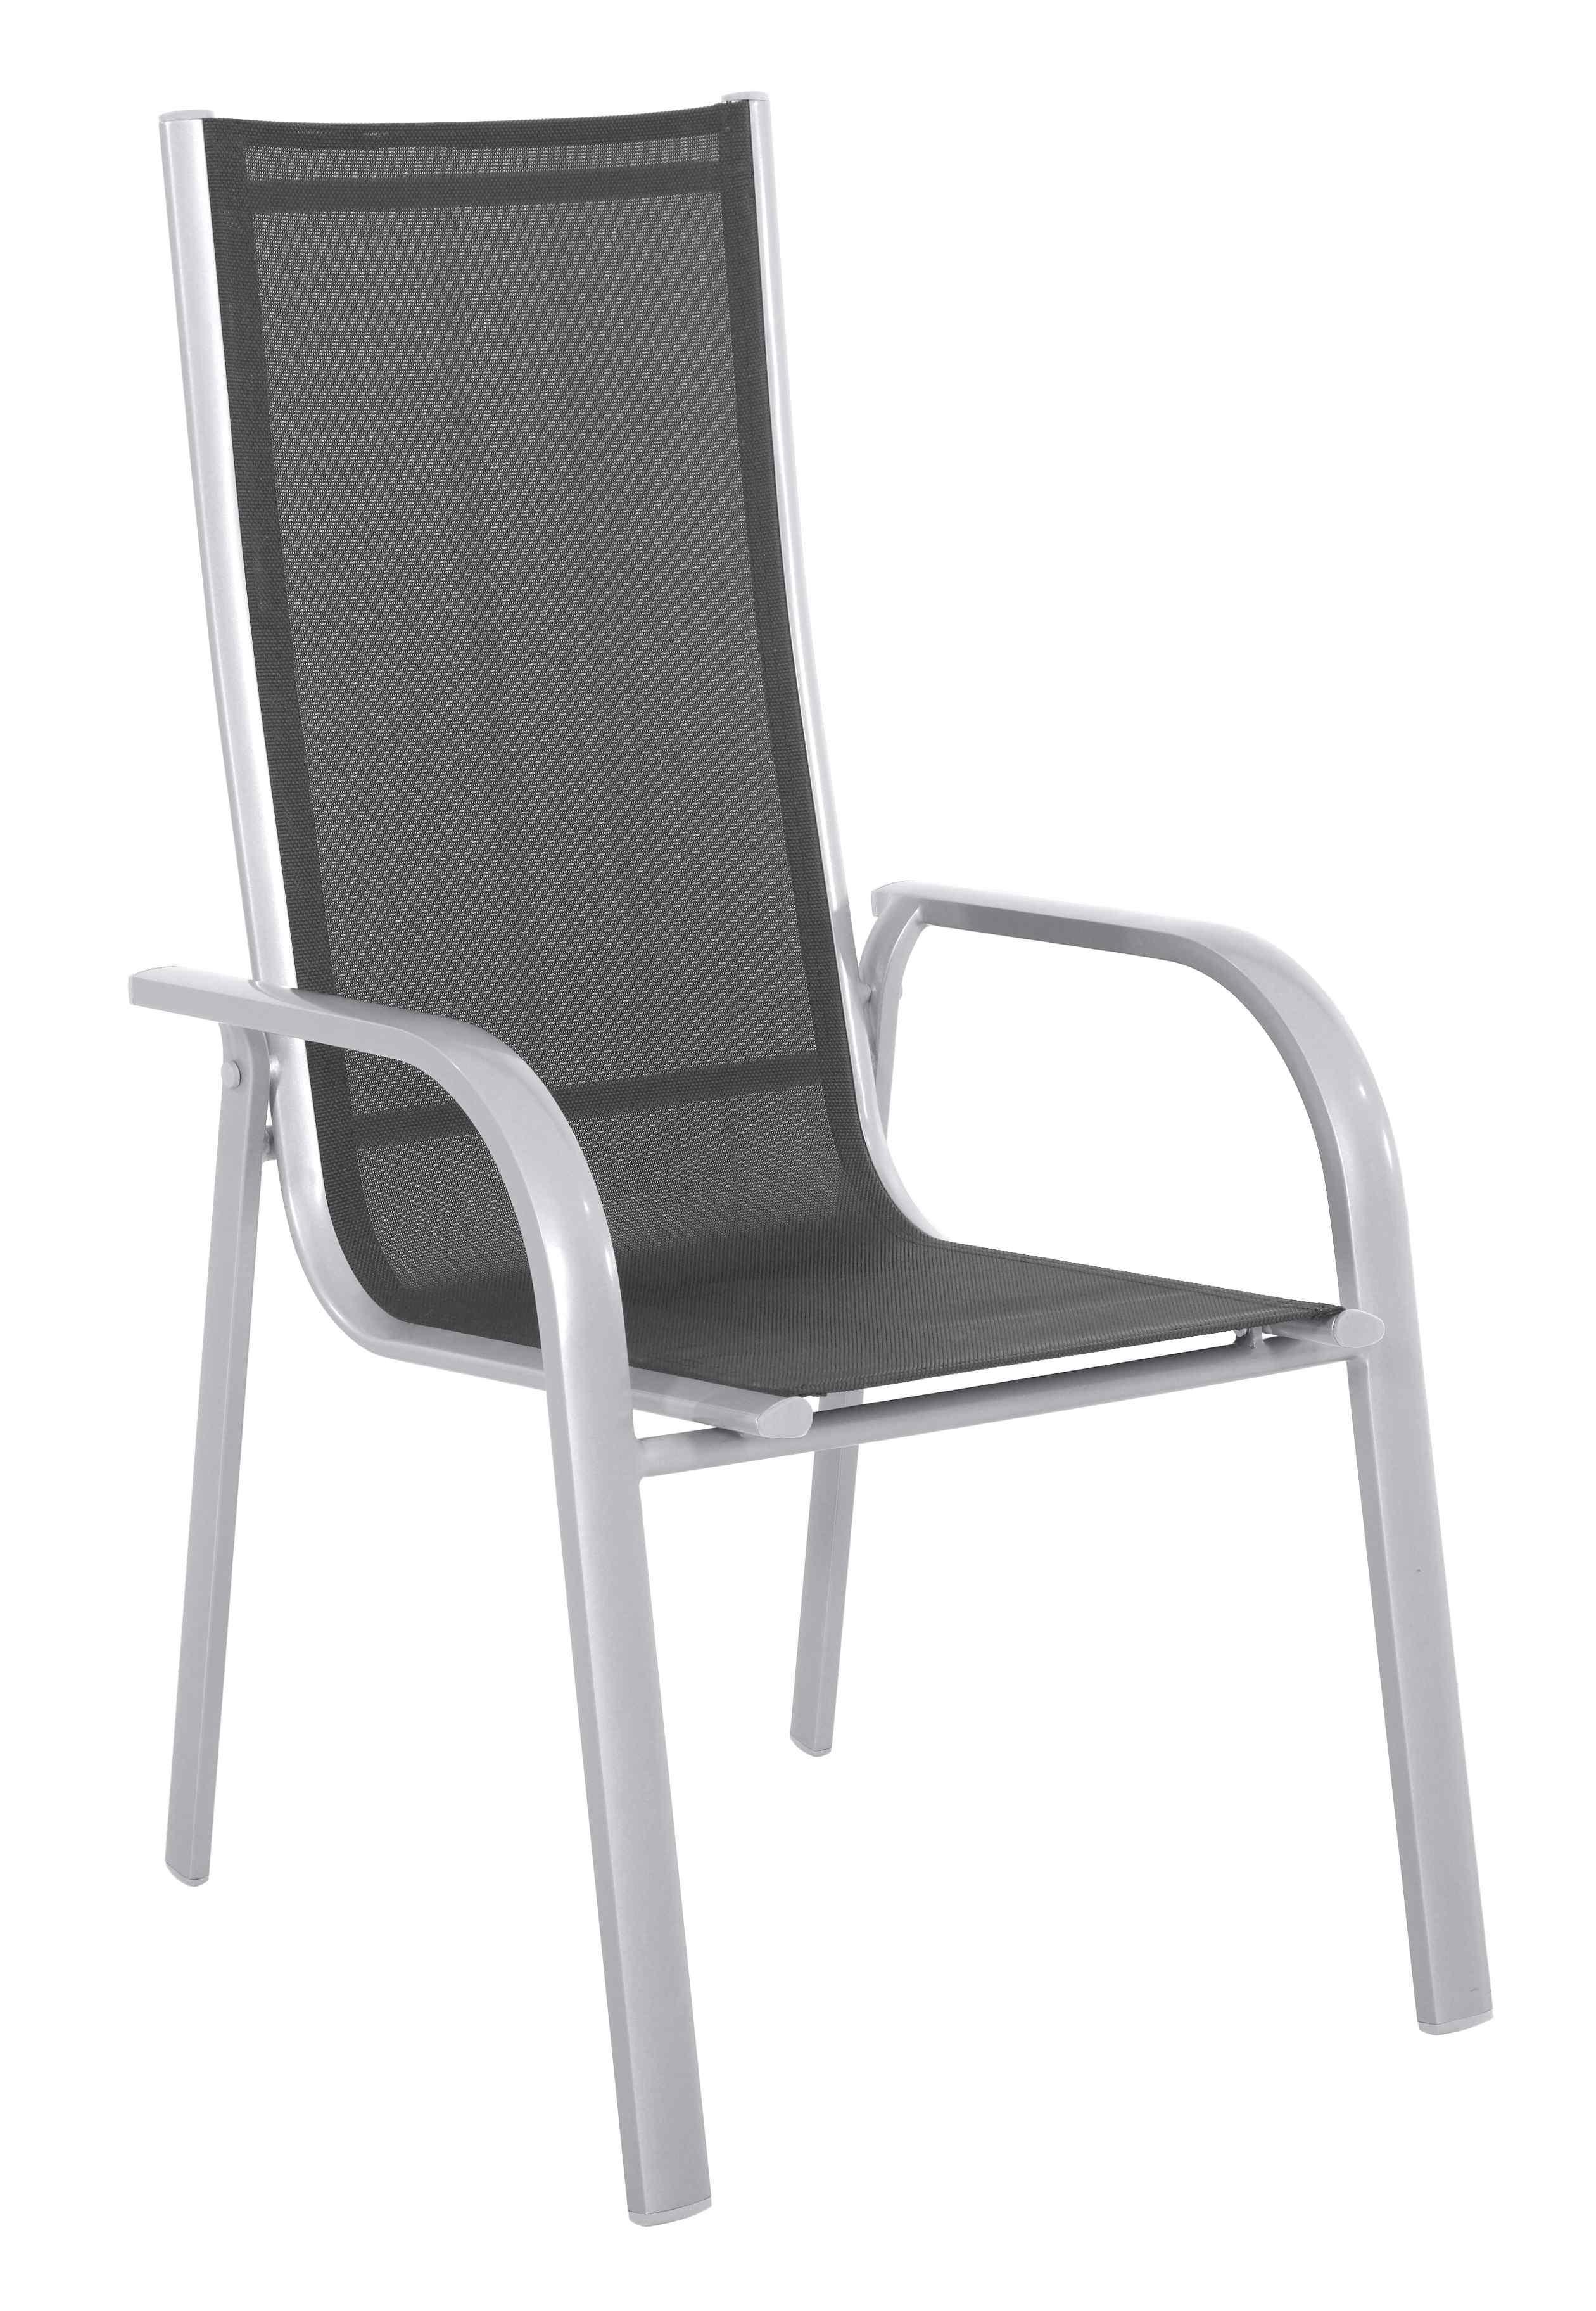 Hliníková stohovatelná židle 69 x 59,5 x 110 cm Creador Paola Standard